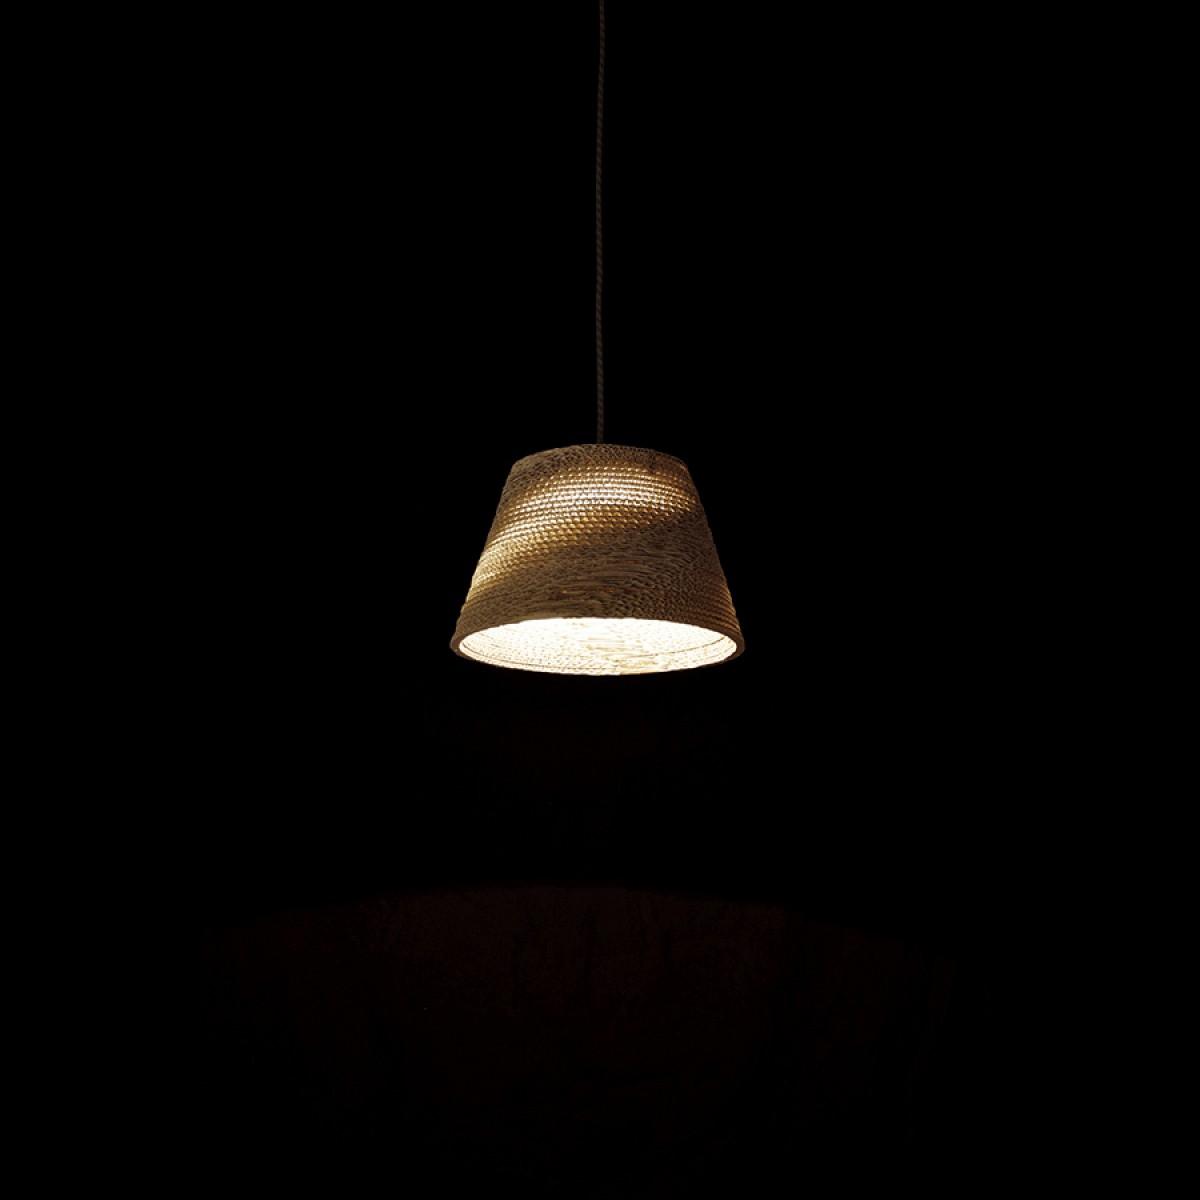 Cardboard lampshade, n1, type A - Hängelampe